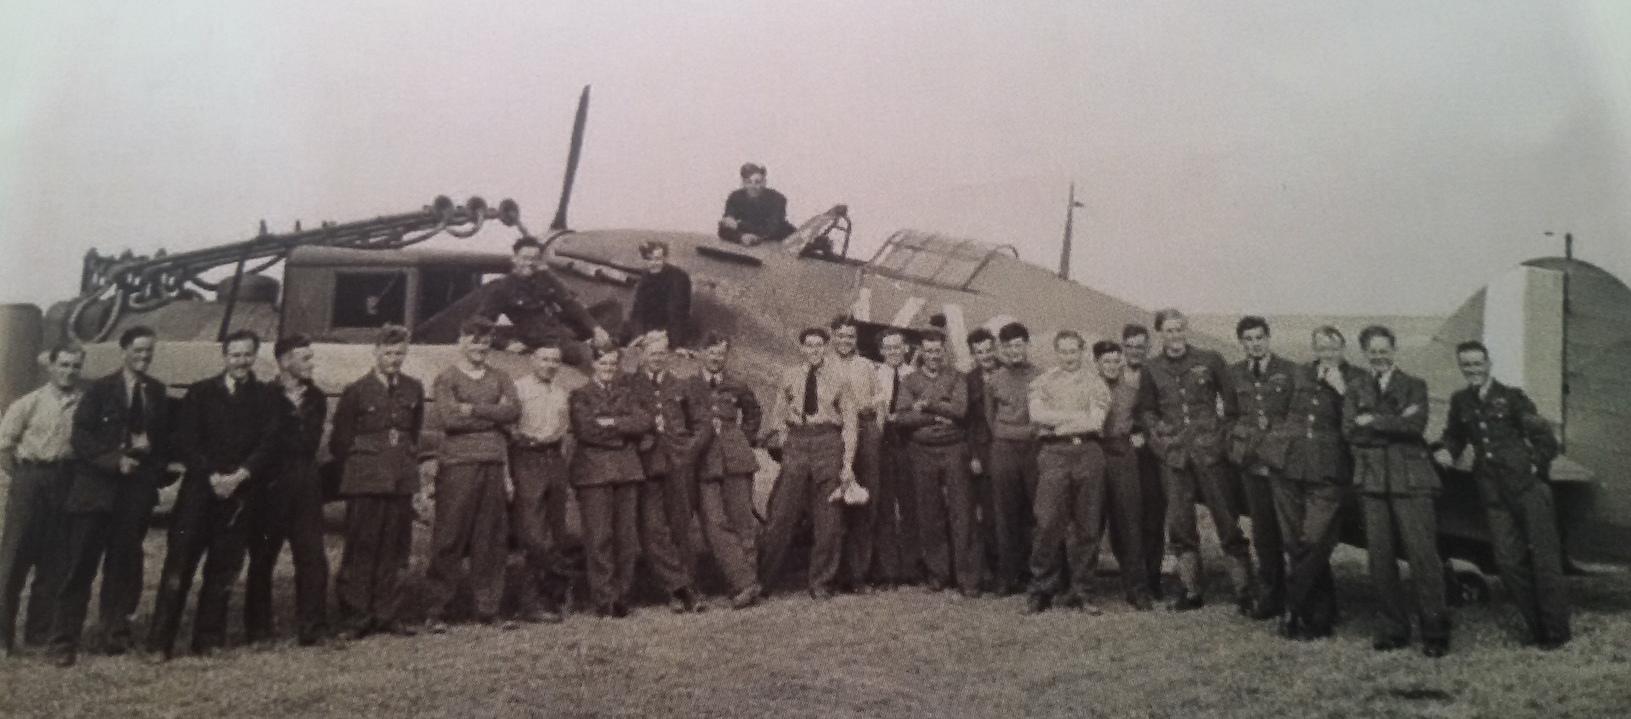 Paddy Hemingway and crew